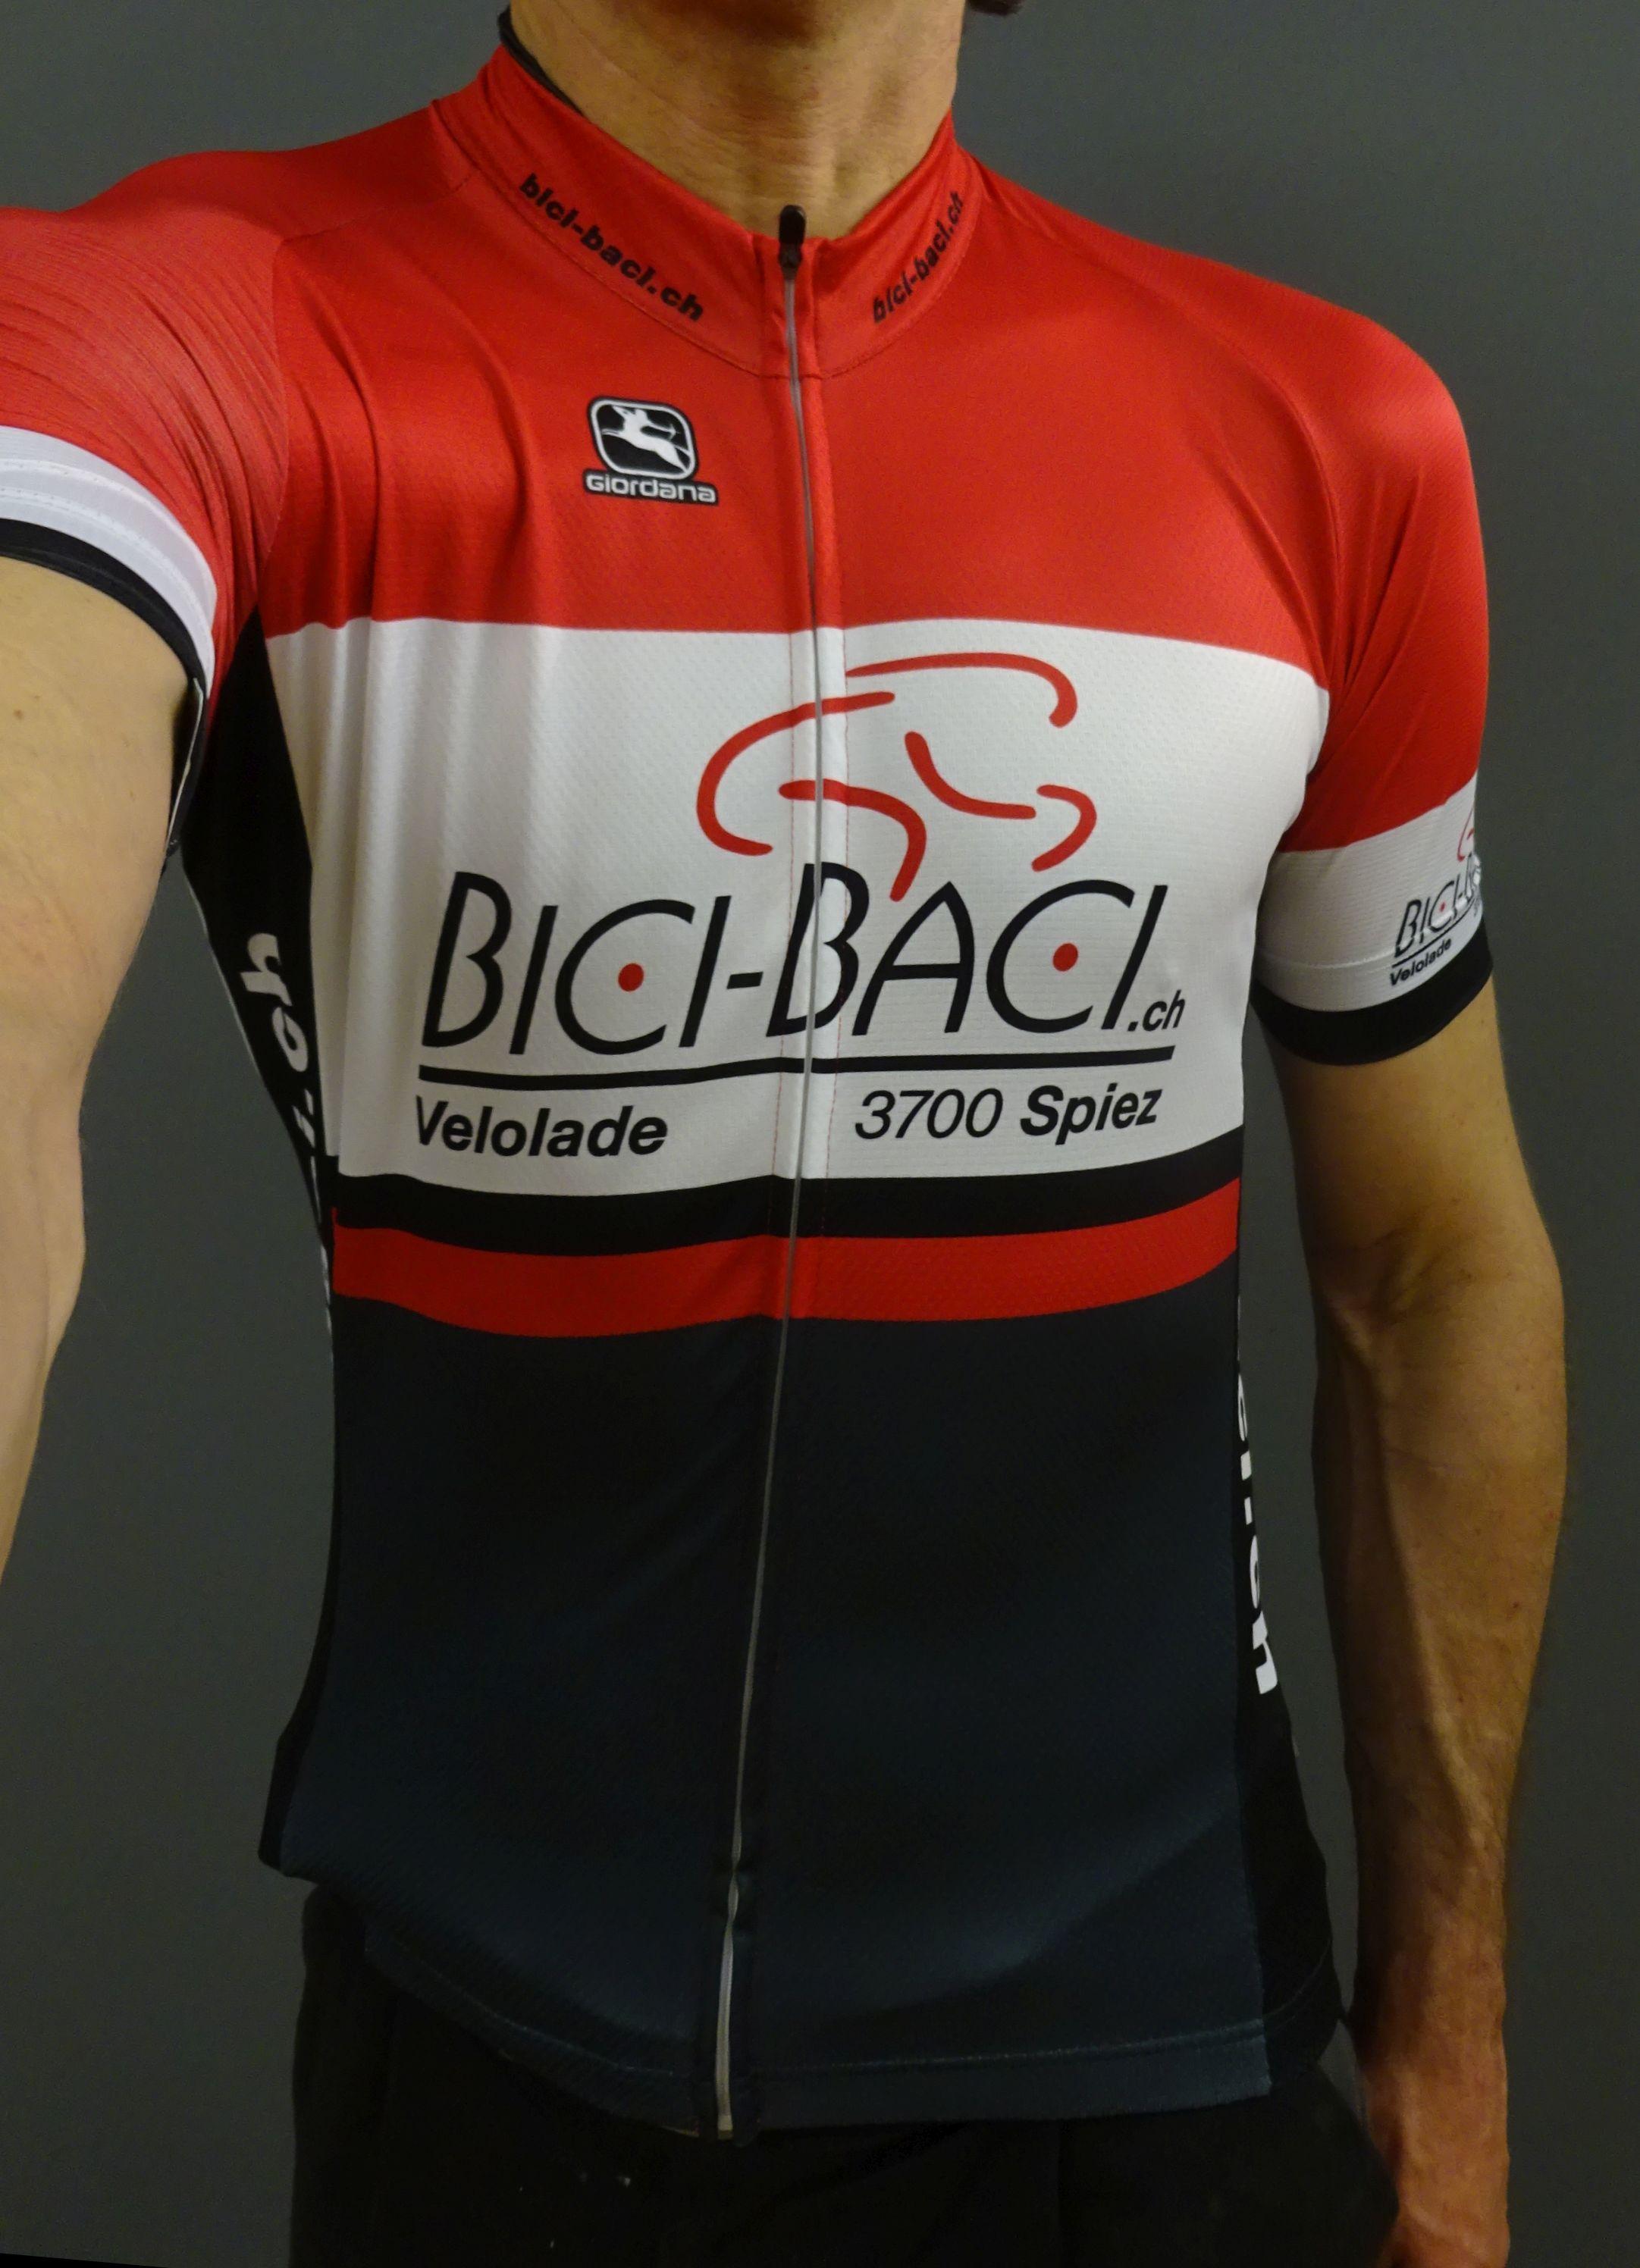 trikot bici-baci.ch